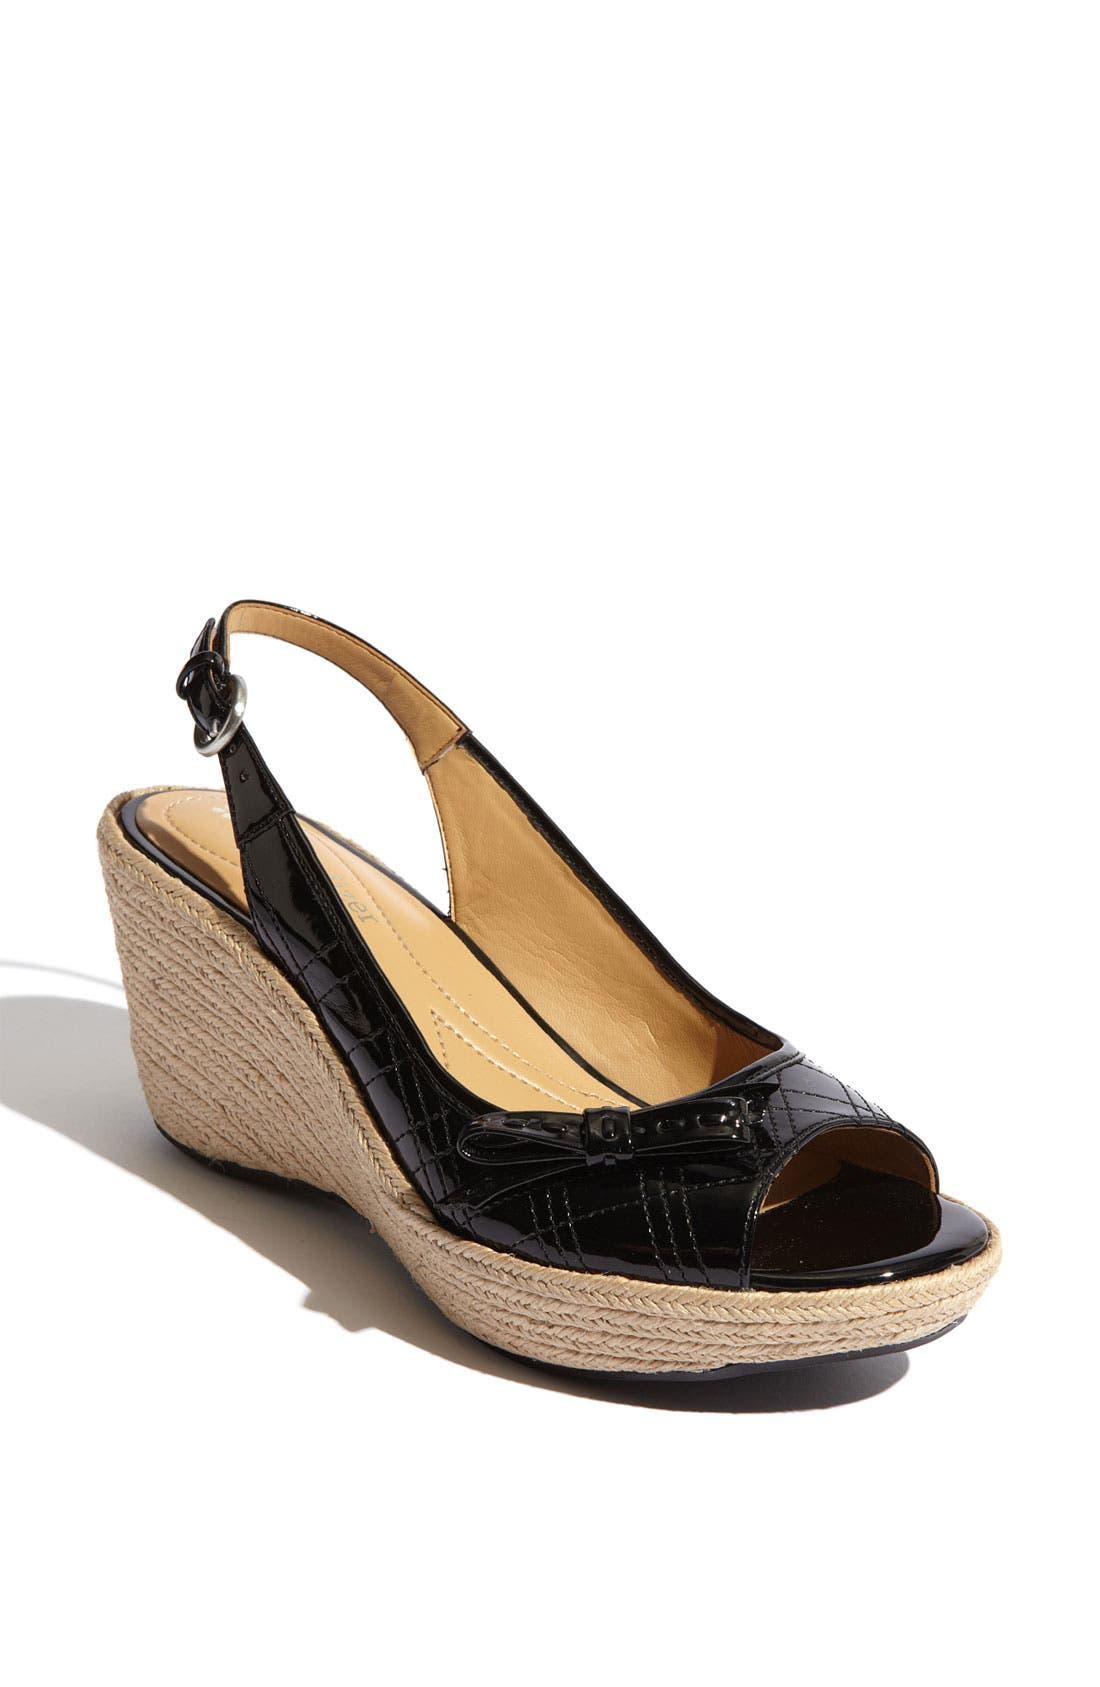 Main Image - Naturalizer 'Nieva' Sandal